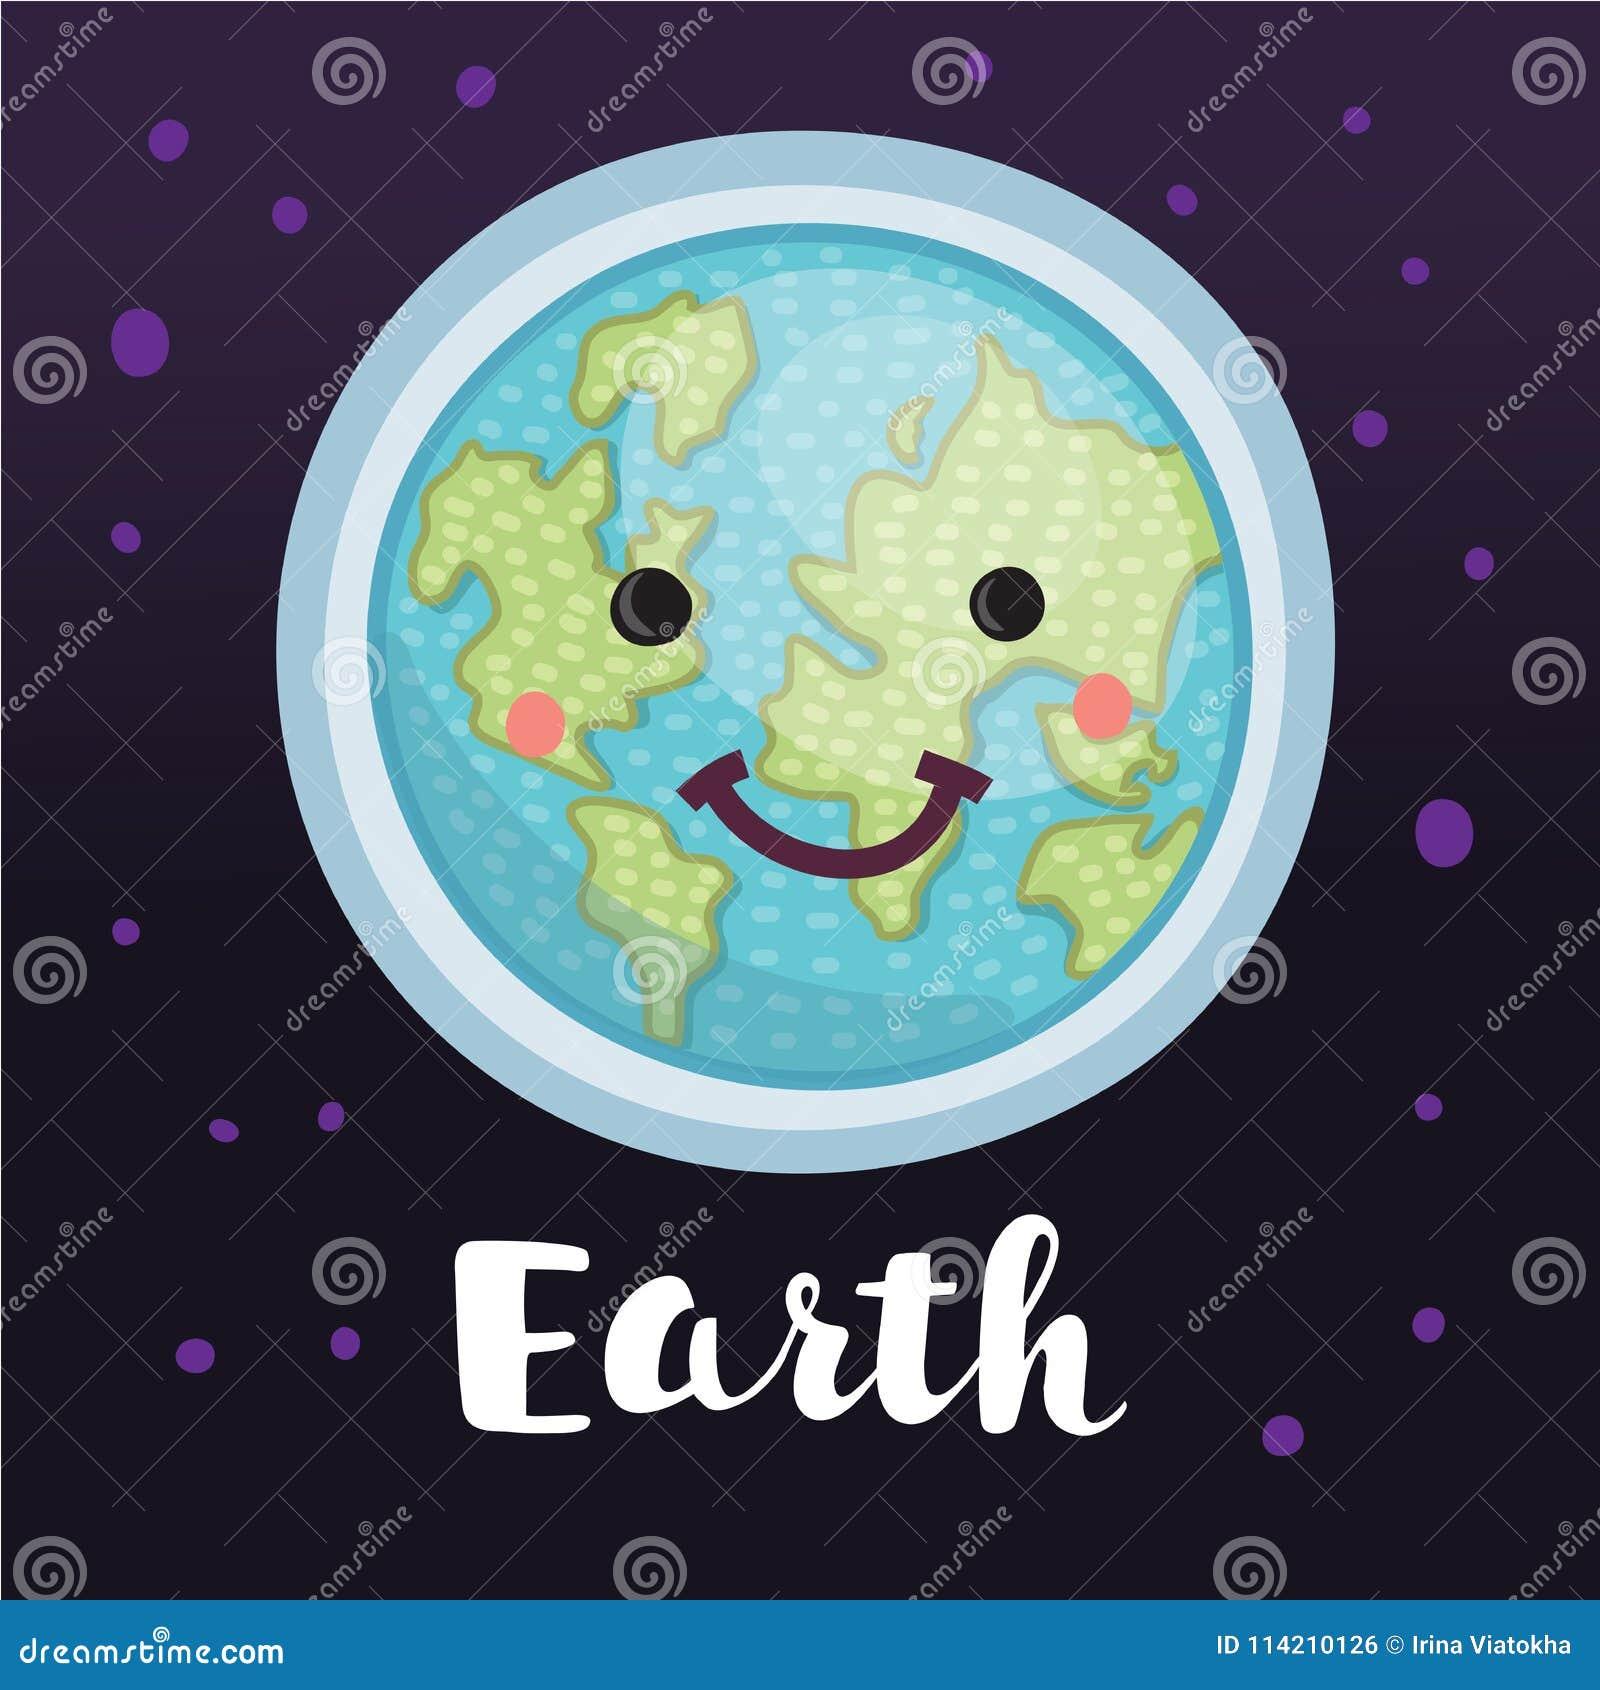 Kreatywnie pojęcie planety ziemi kula ziemska z słodką śliczną twarzą ono uśmiecha się dla ludzkość ziemskiego dnia kreskówki pro